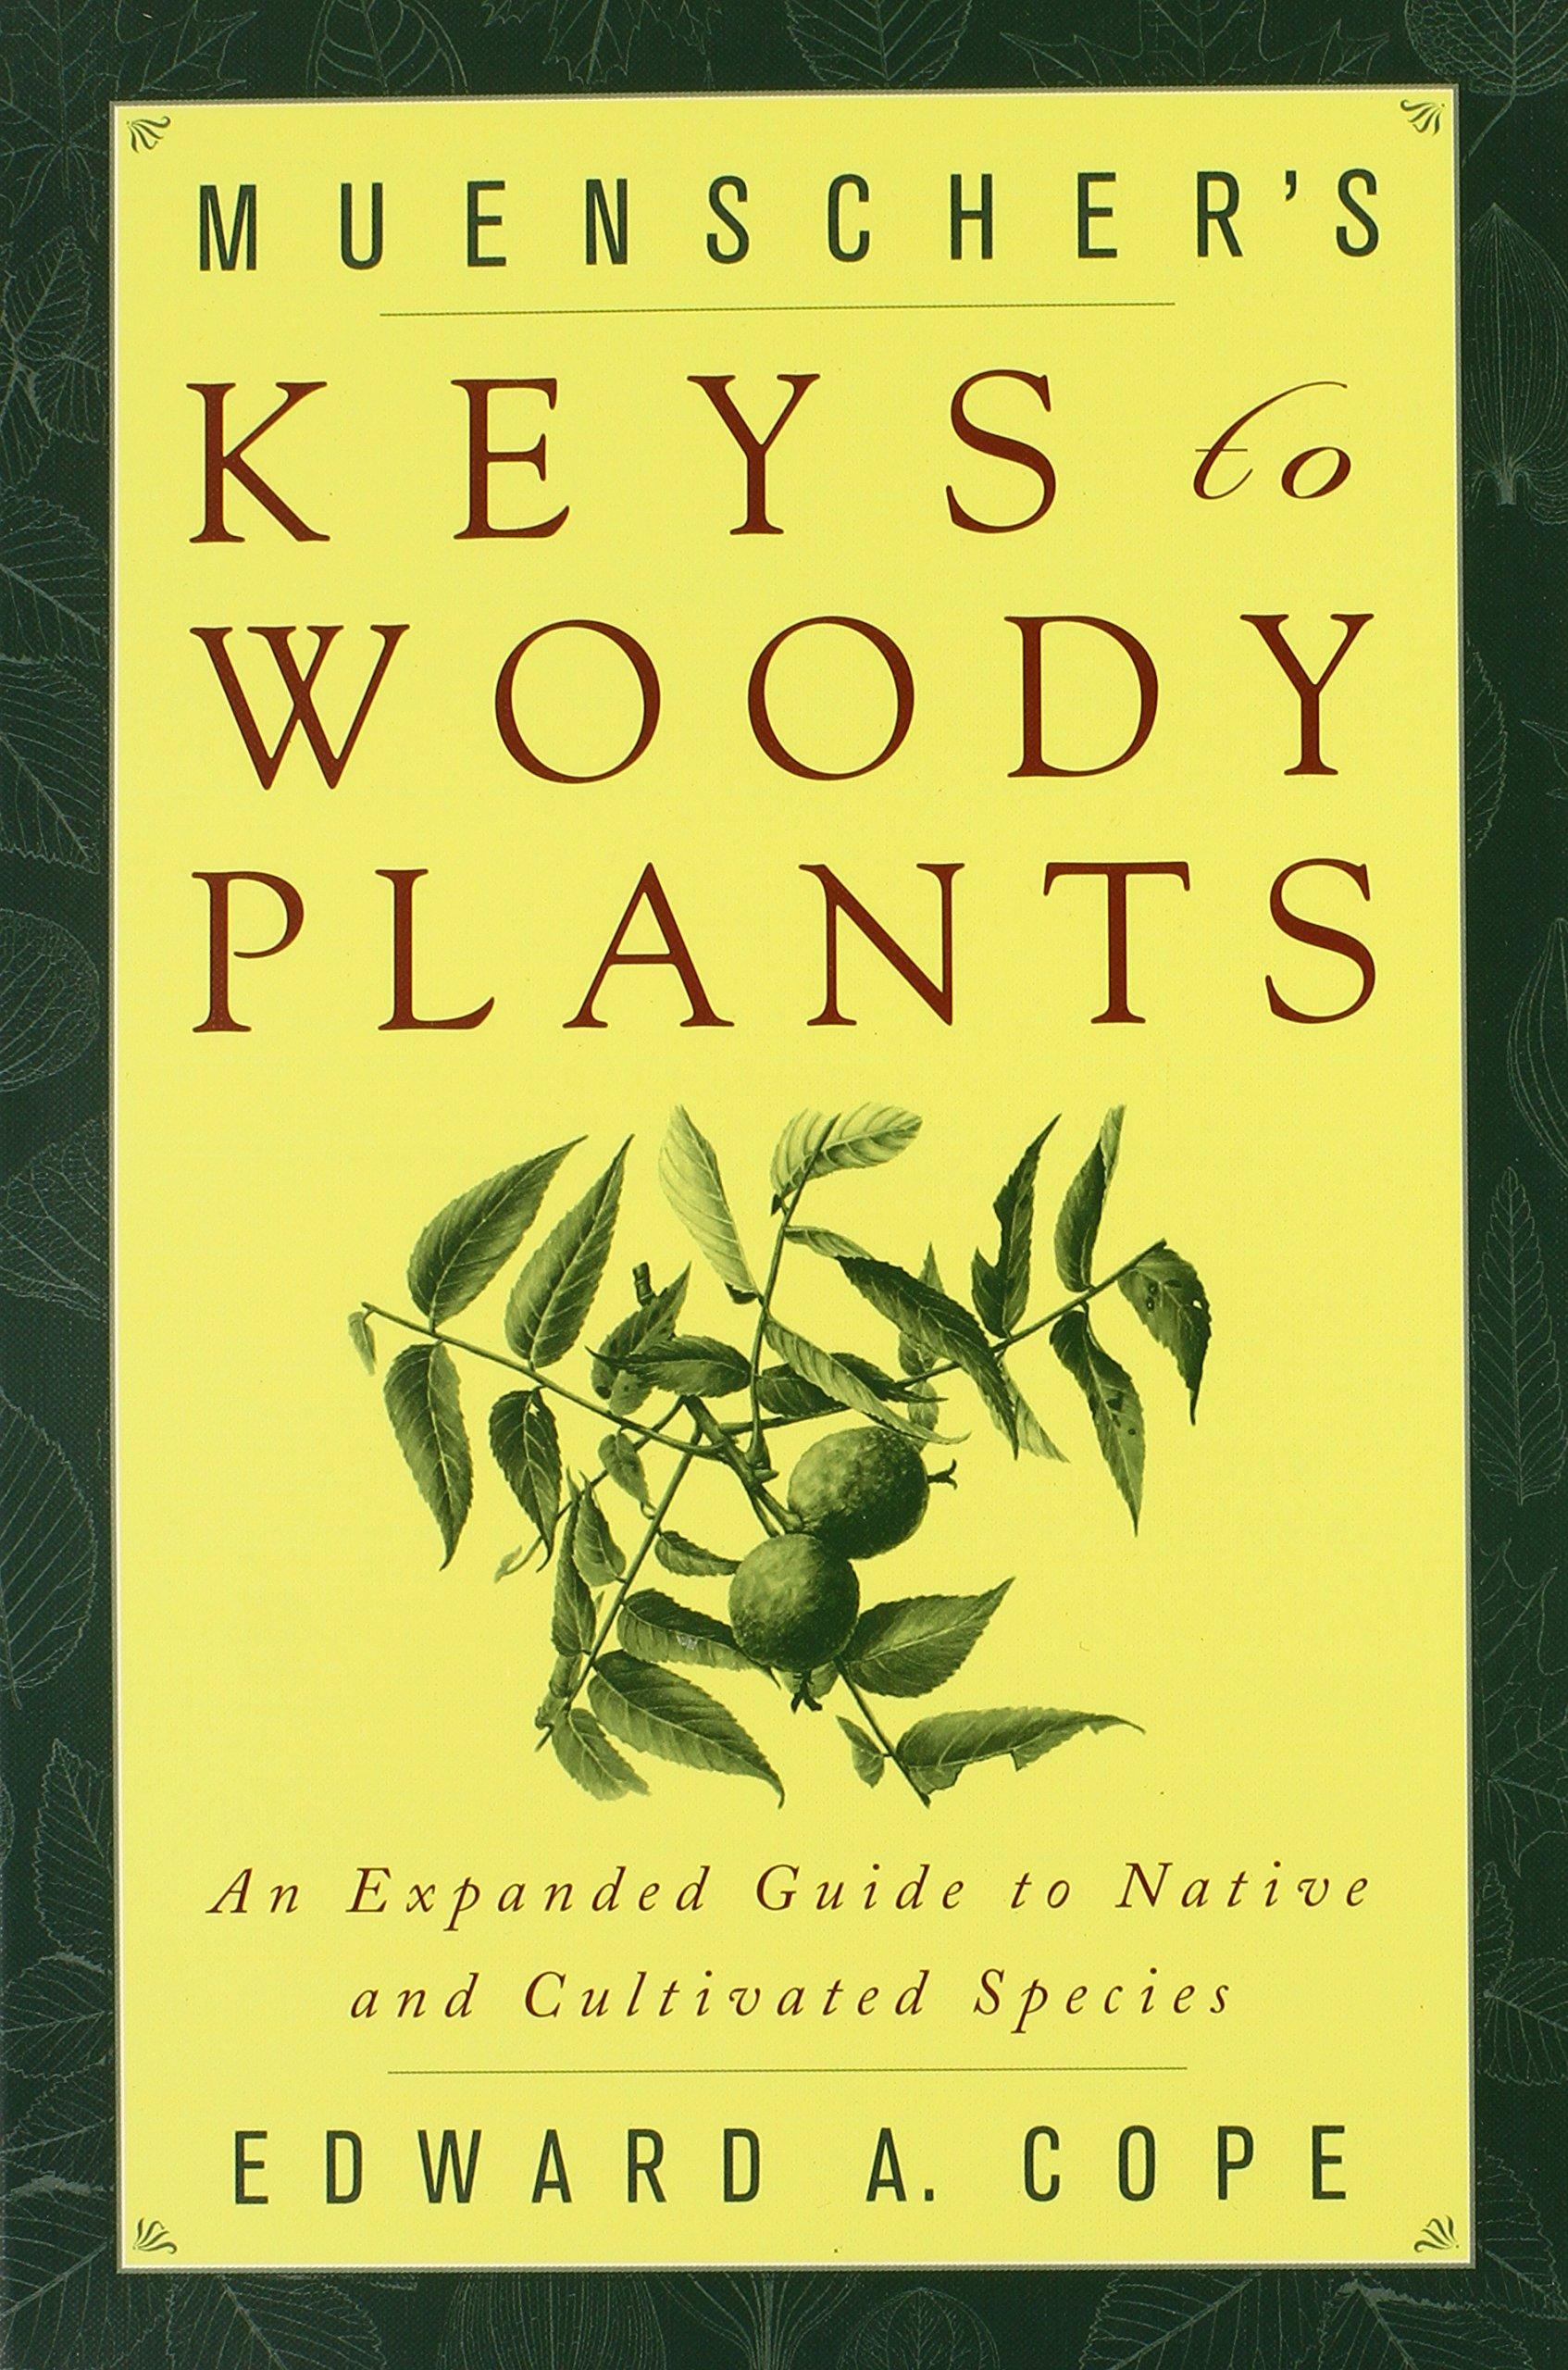 Muenscher's Keys to Woody Plants